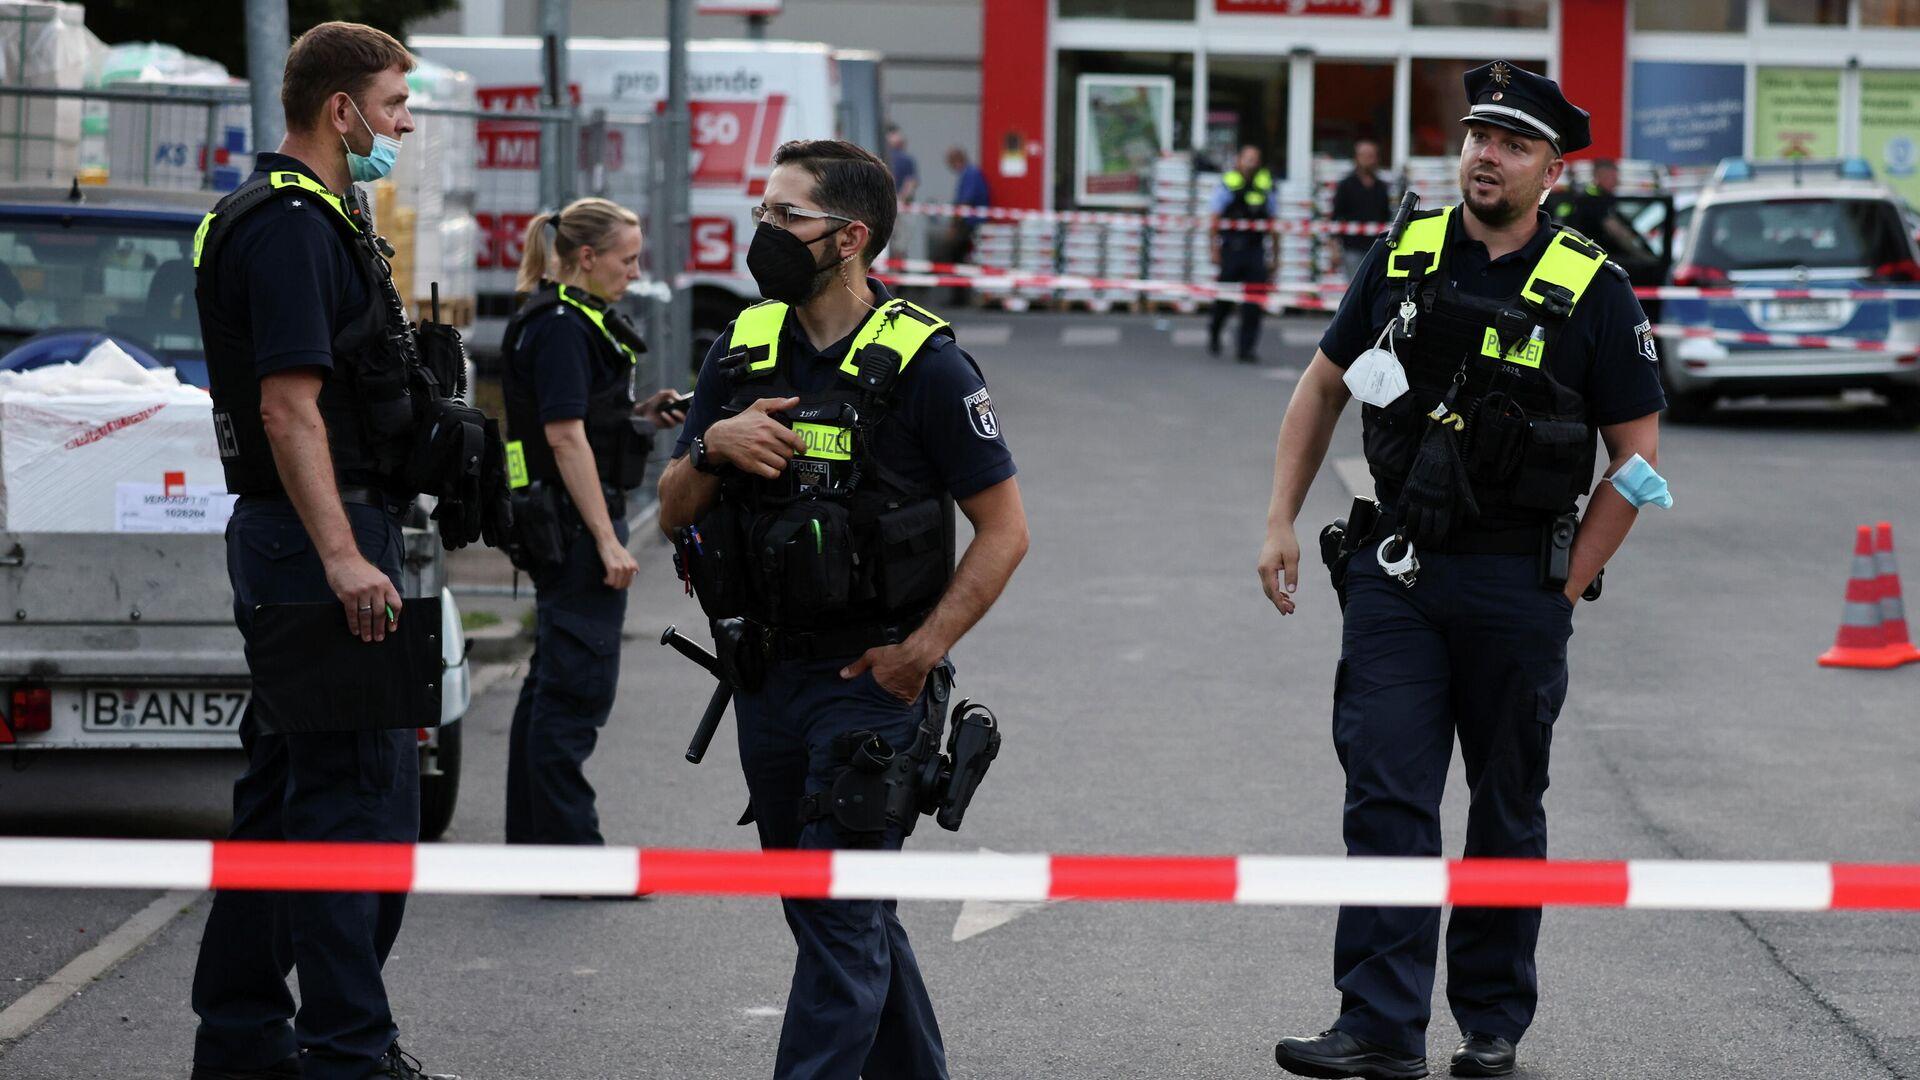 Polizeieinsatz nach Schüssen auf dem Parkplatz eines Baumarktes in Berlin-Wedding  am 30. Juli - SNA, 1920, 30.07.2021